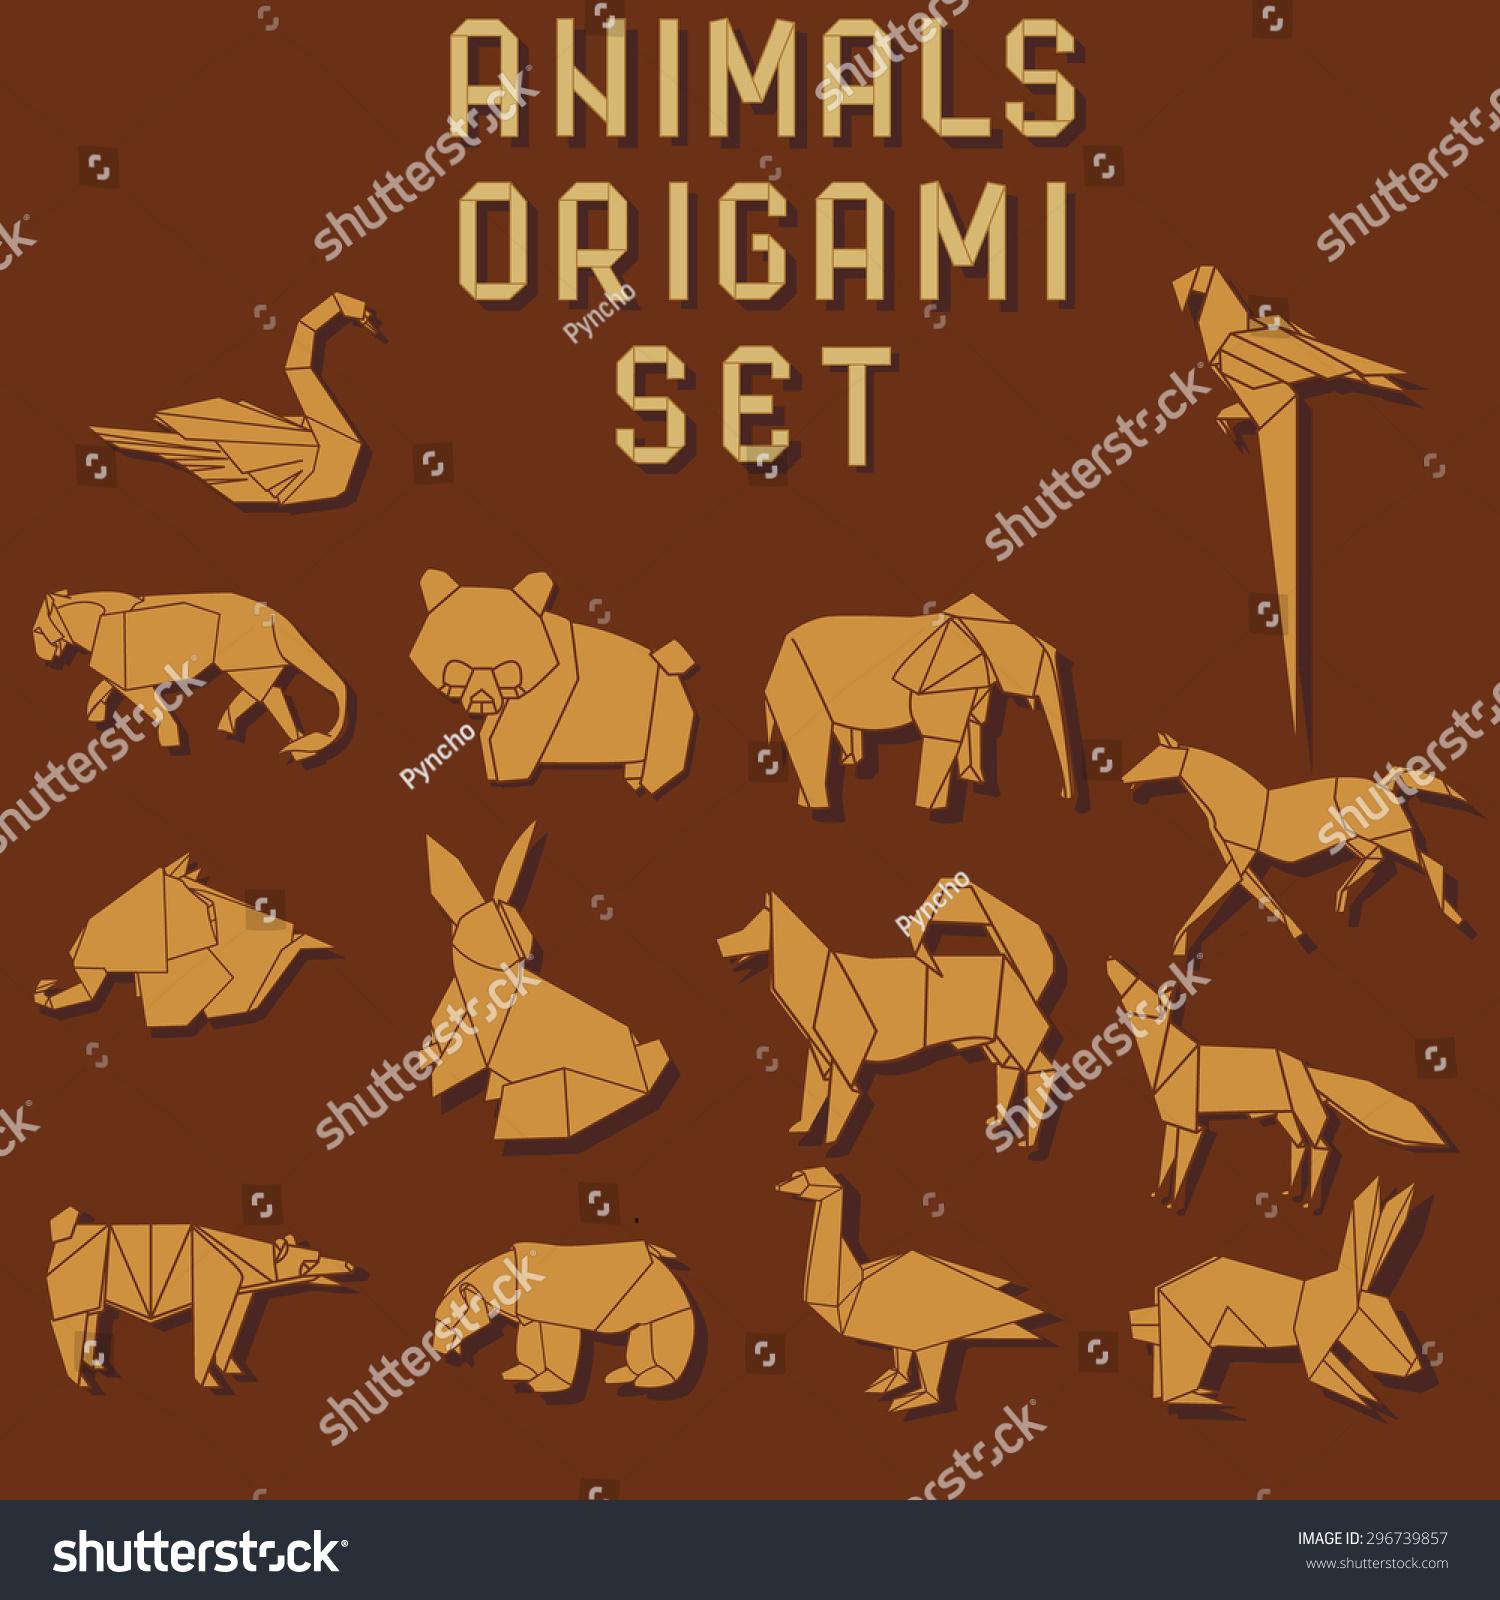 橙色的折纸动物在暗红色的背景-动物/野生生物